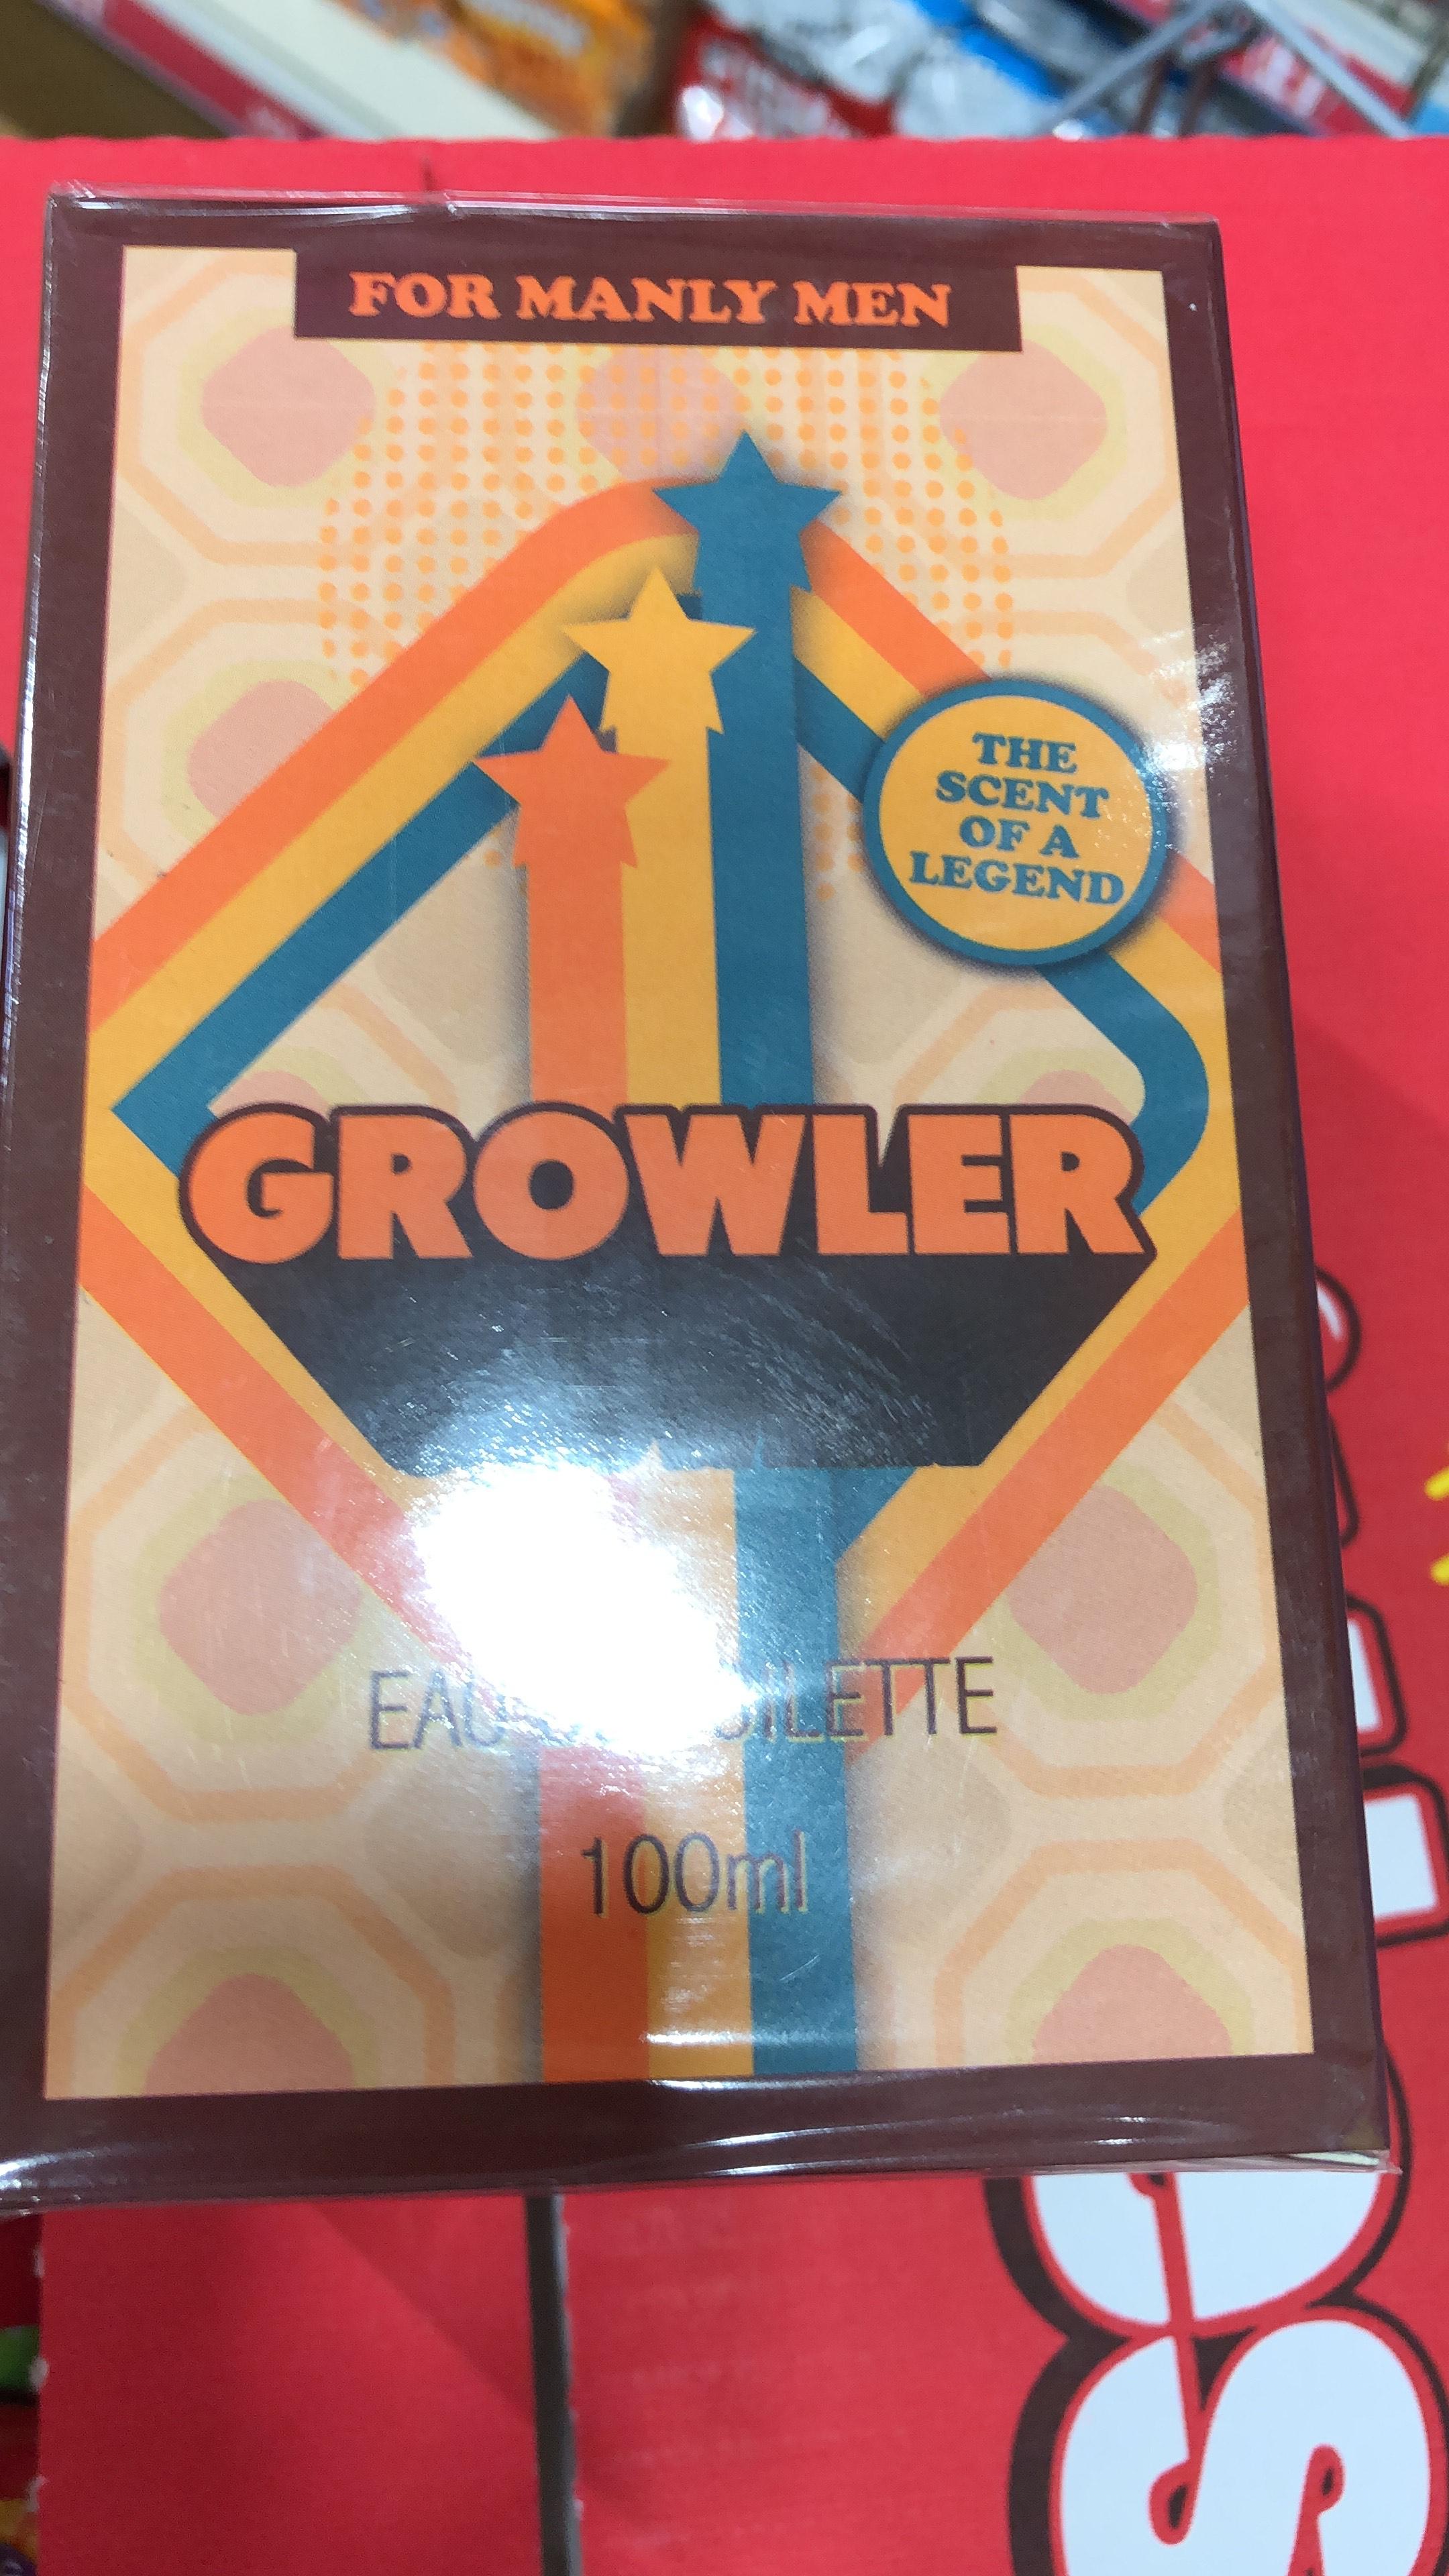 Growler Eau de Toilette £1 Instore @ Poundland (Dorset)